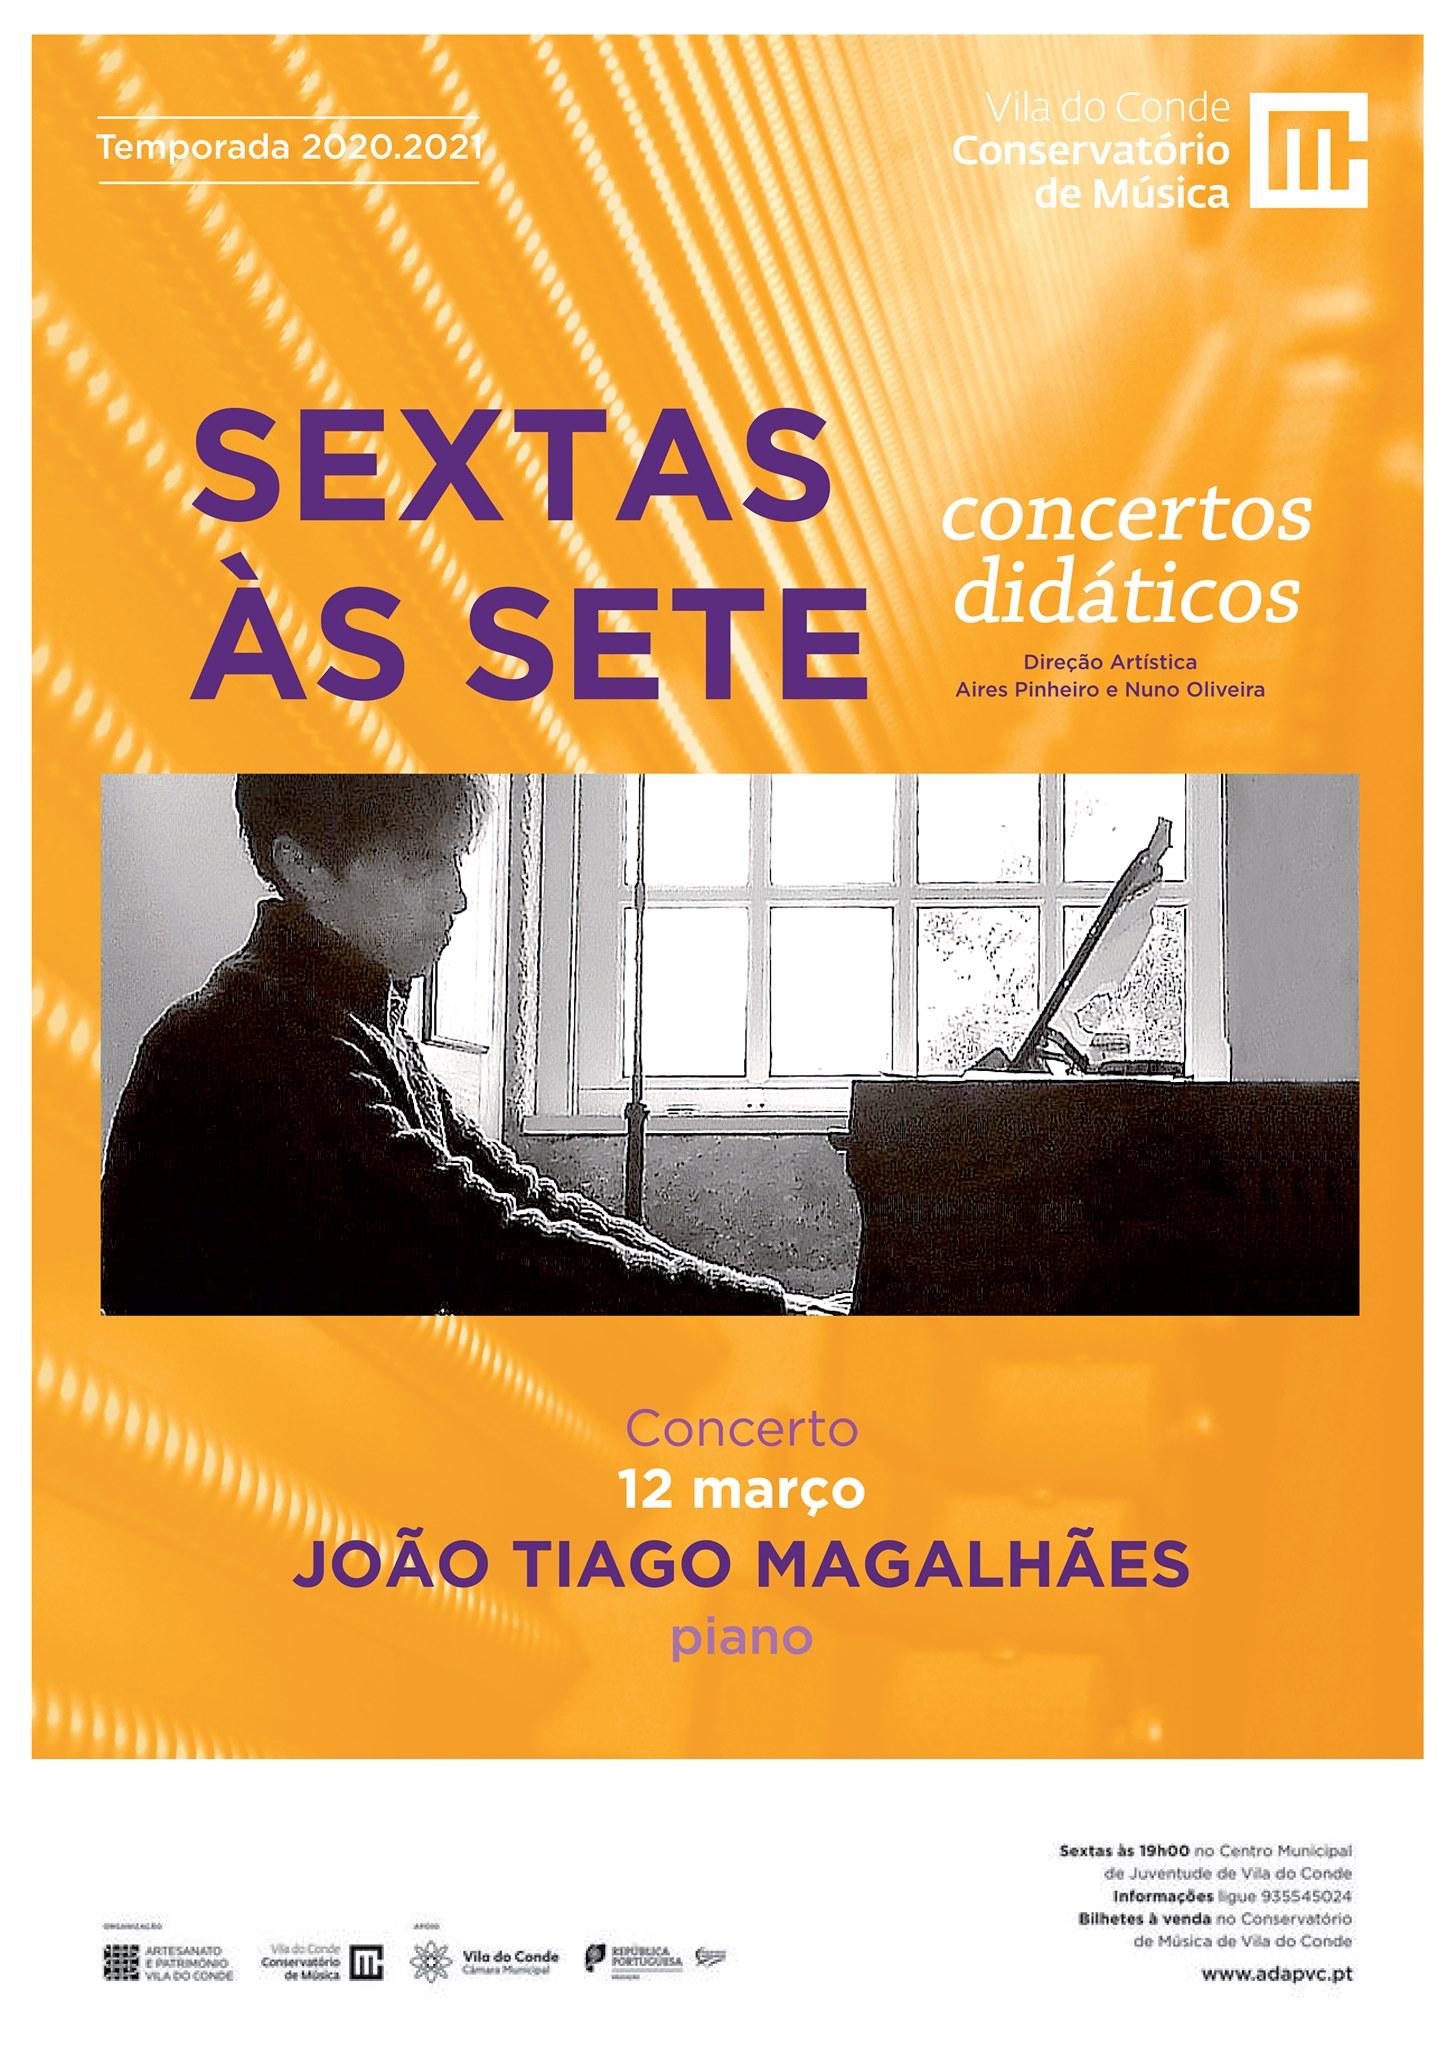 João Tiago Magalhães - Piano